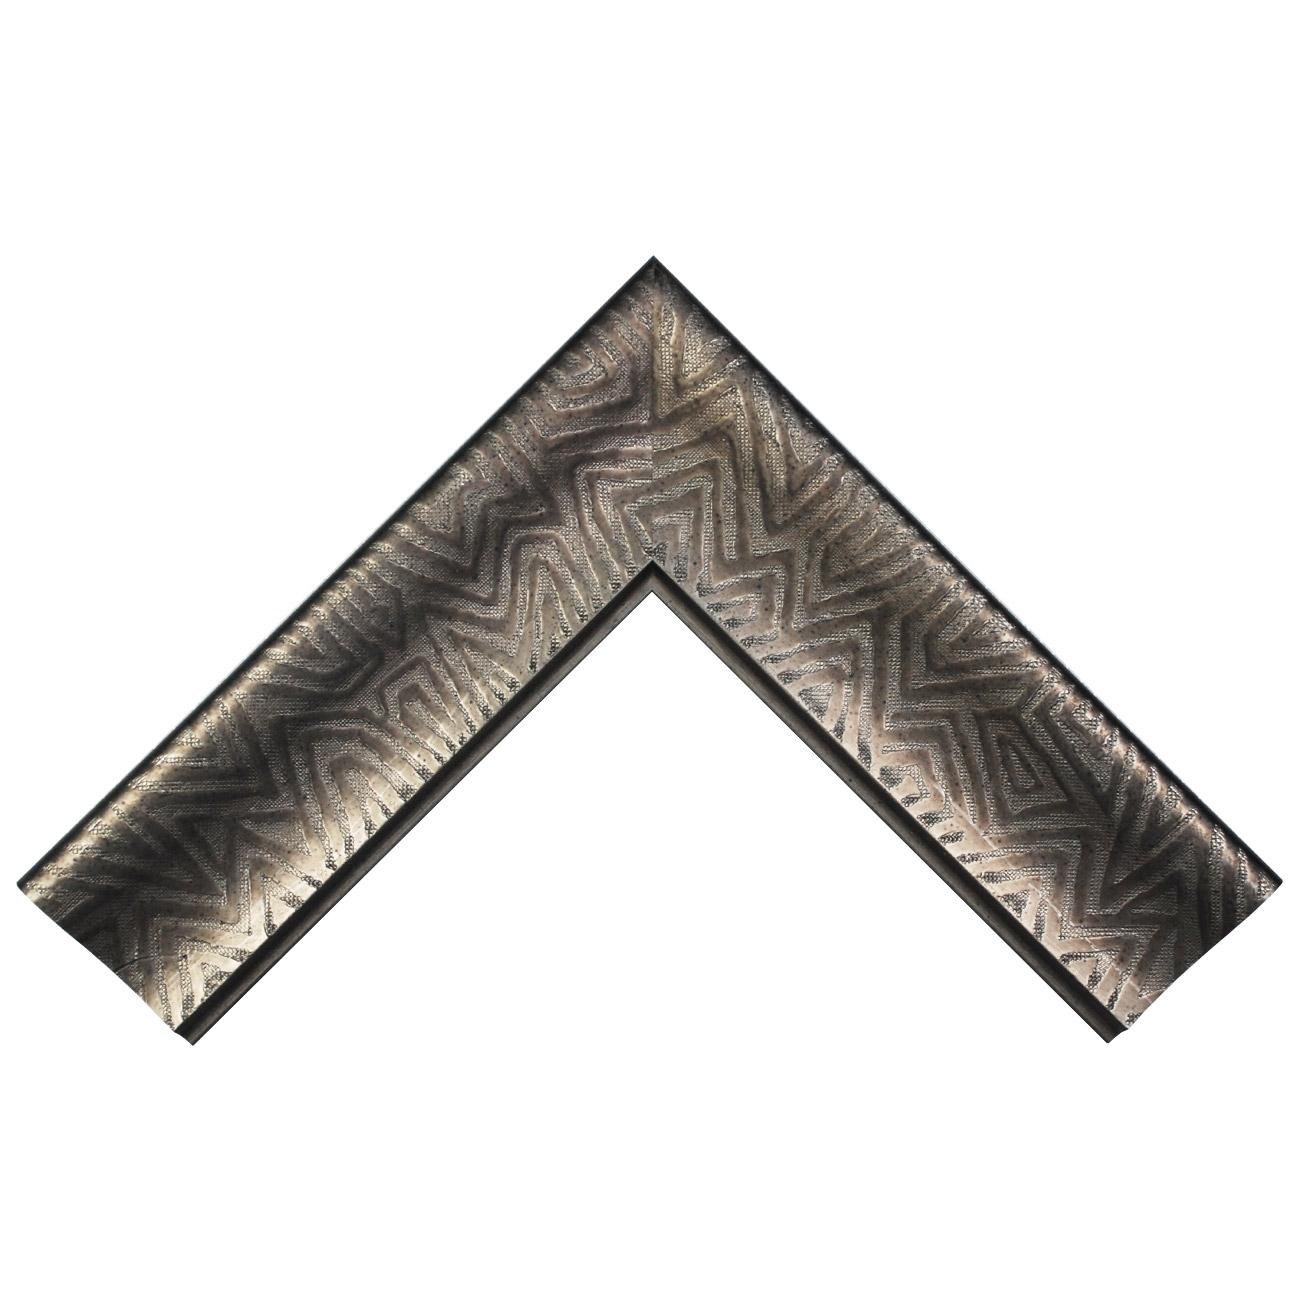 Baguette bois profil incurvé largeur 9.4cm plombs foncé finition aspect cuir